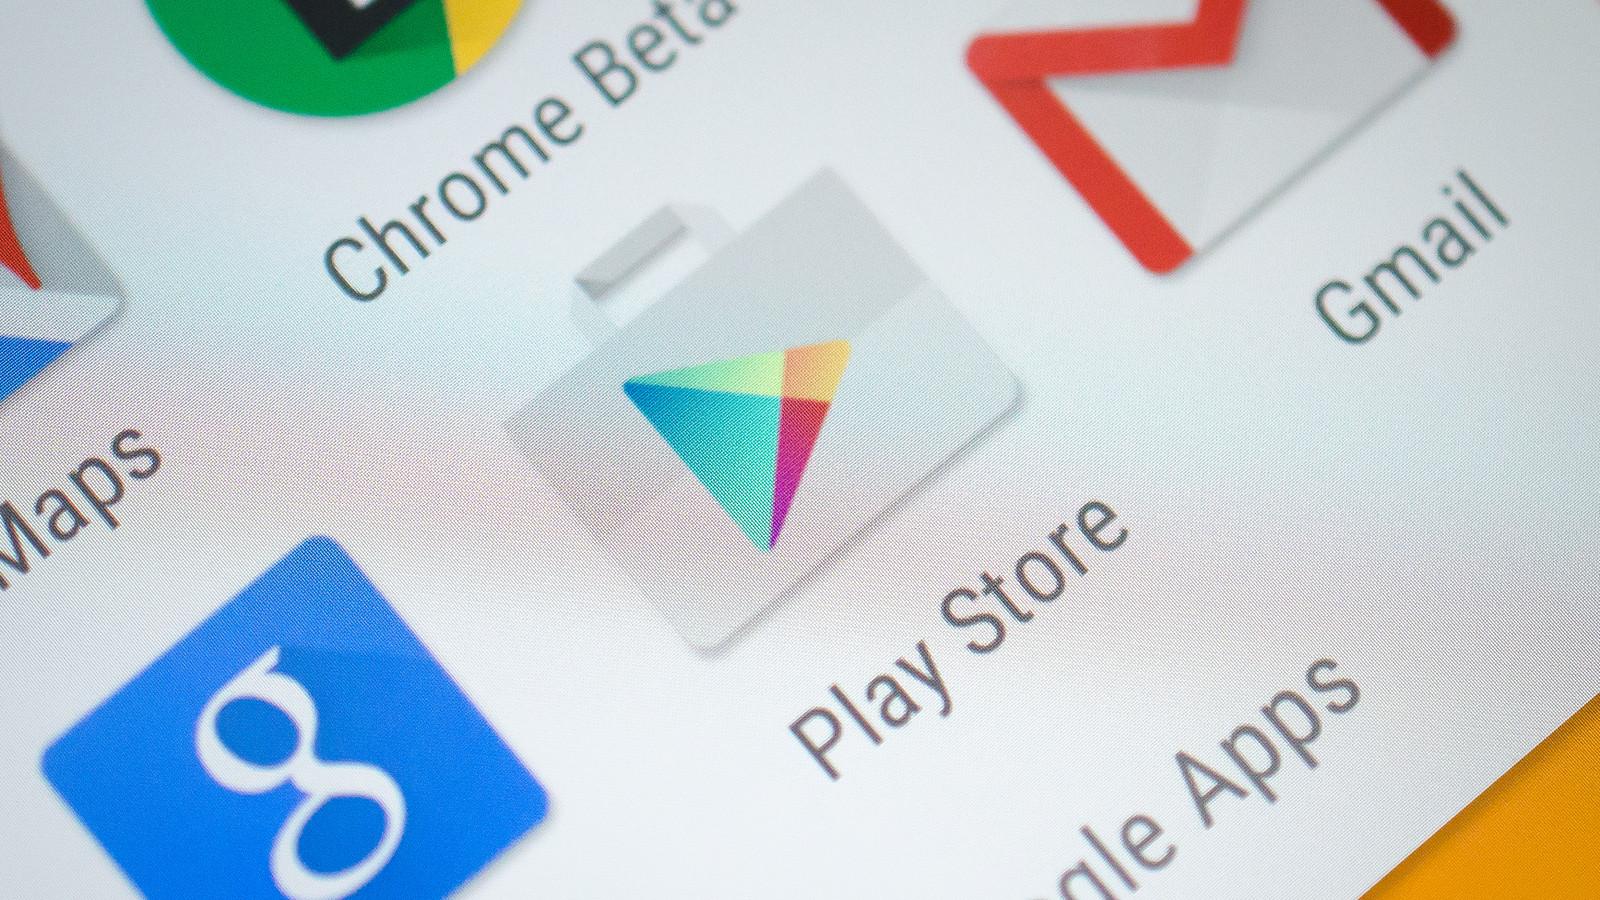 Family Library – za aplikaci pro Android zaplatíte v rámci rodiny pouze jednou